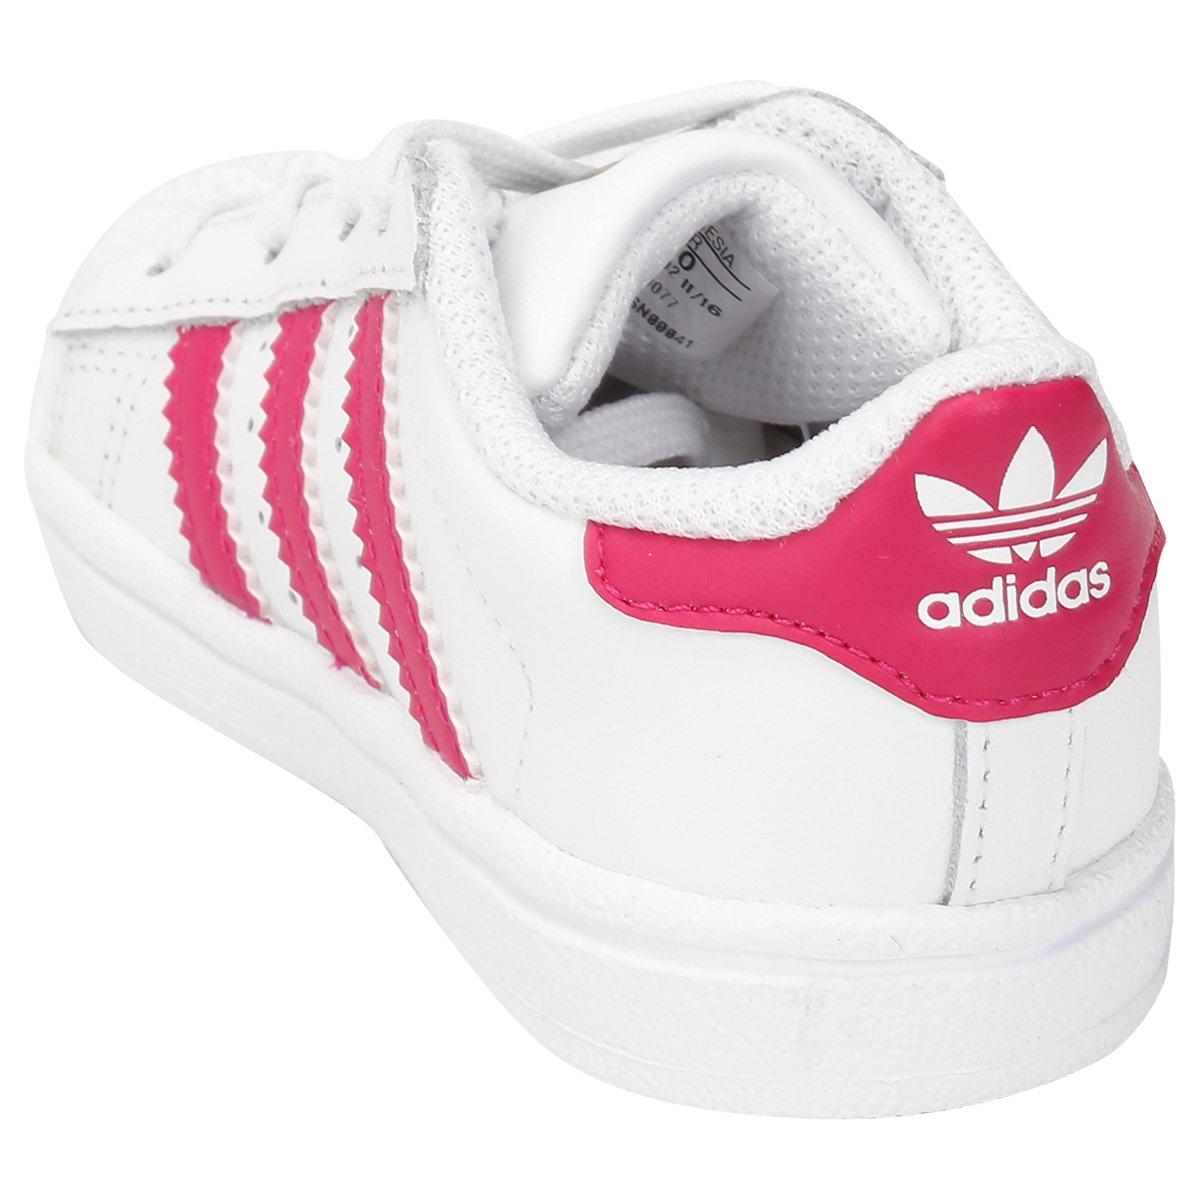 Tênis Adidas Superstar Foundation I Infantil - Compre Agora  cce00b71084